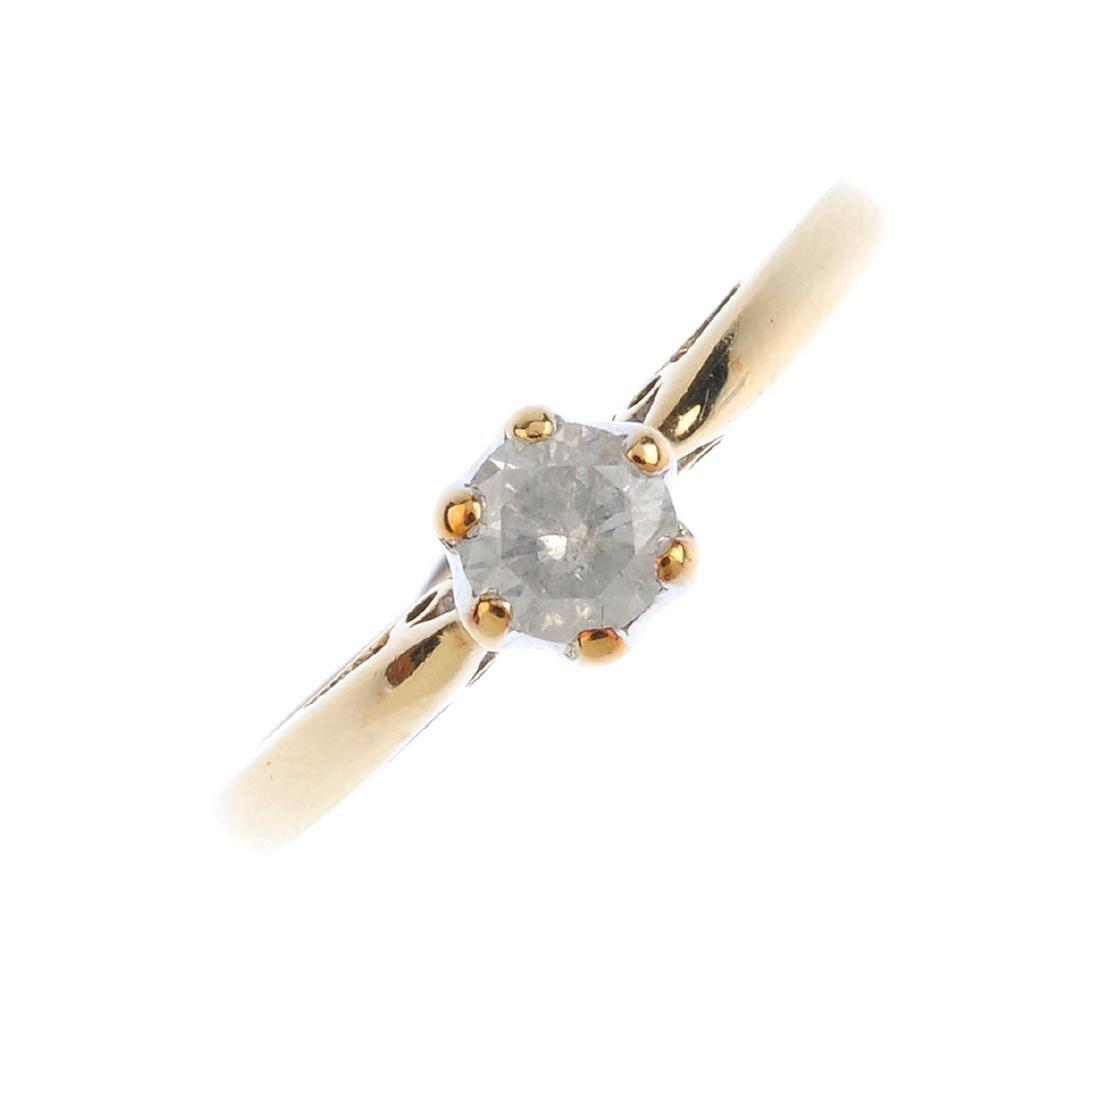 A 9ct gold diamond single-stone ring. The brilliant-cut